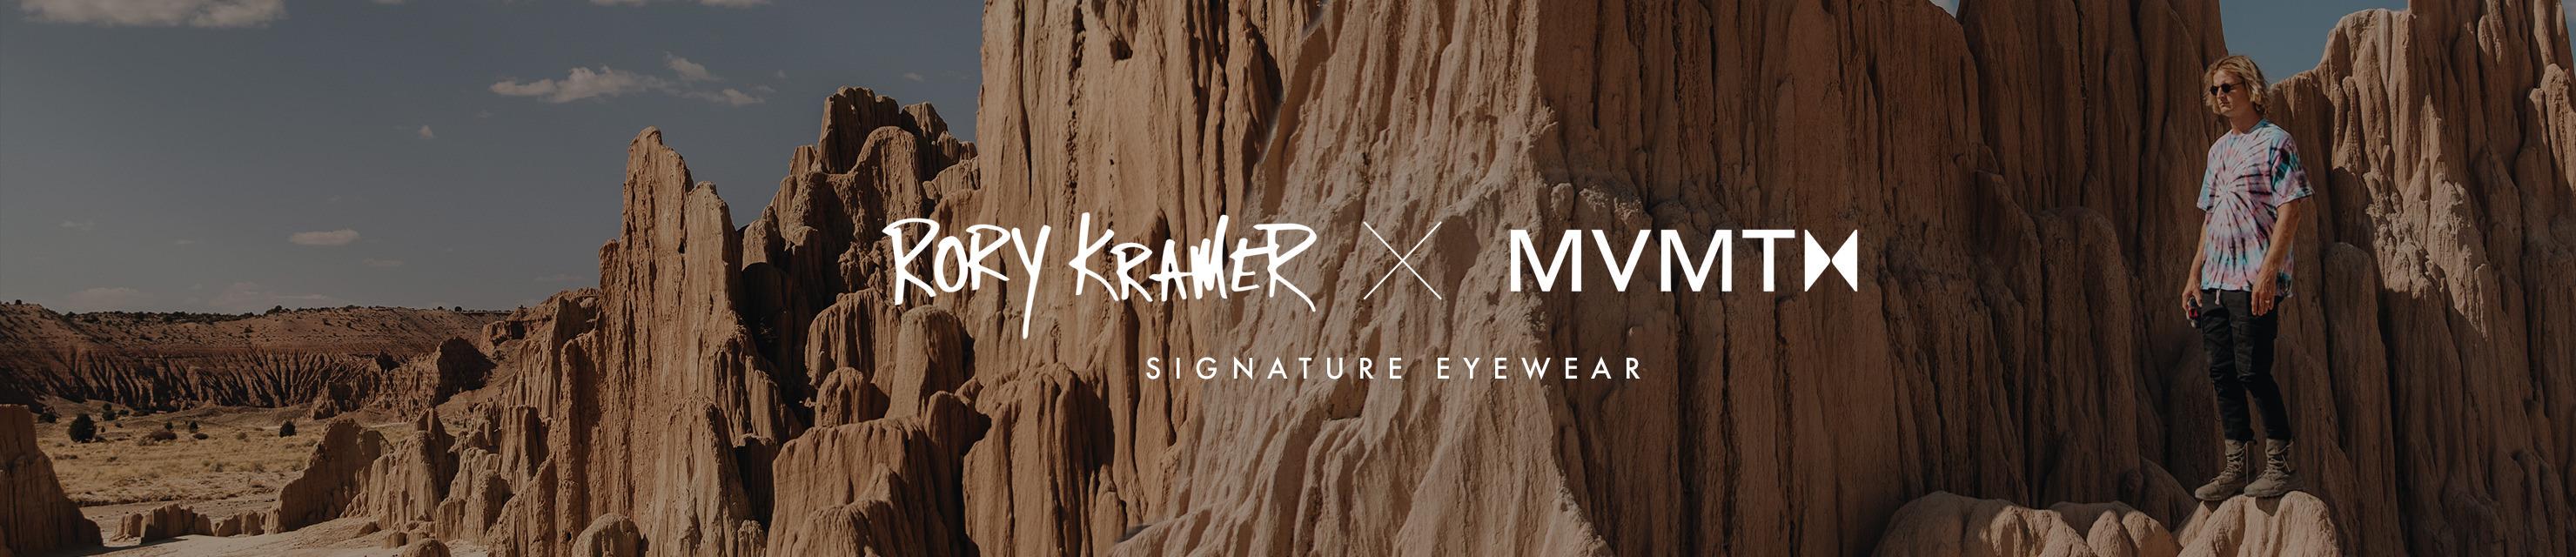 Rory Kramer Vision Hero Banner